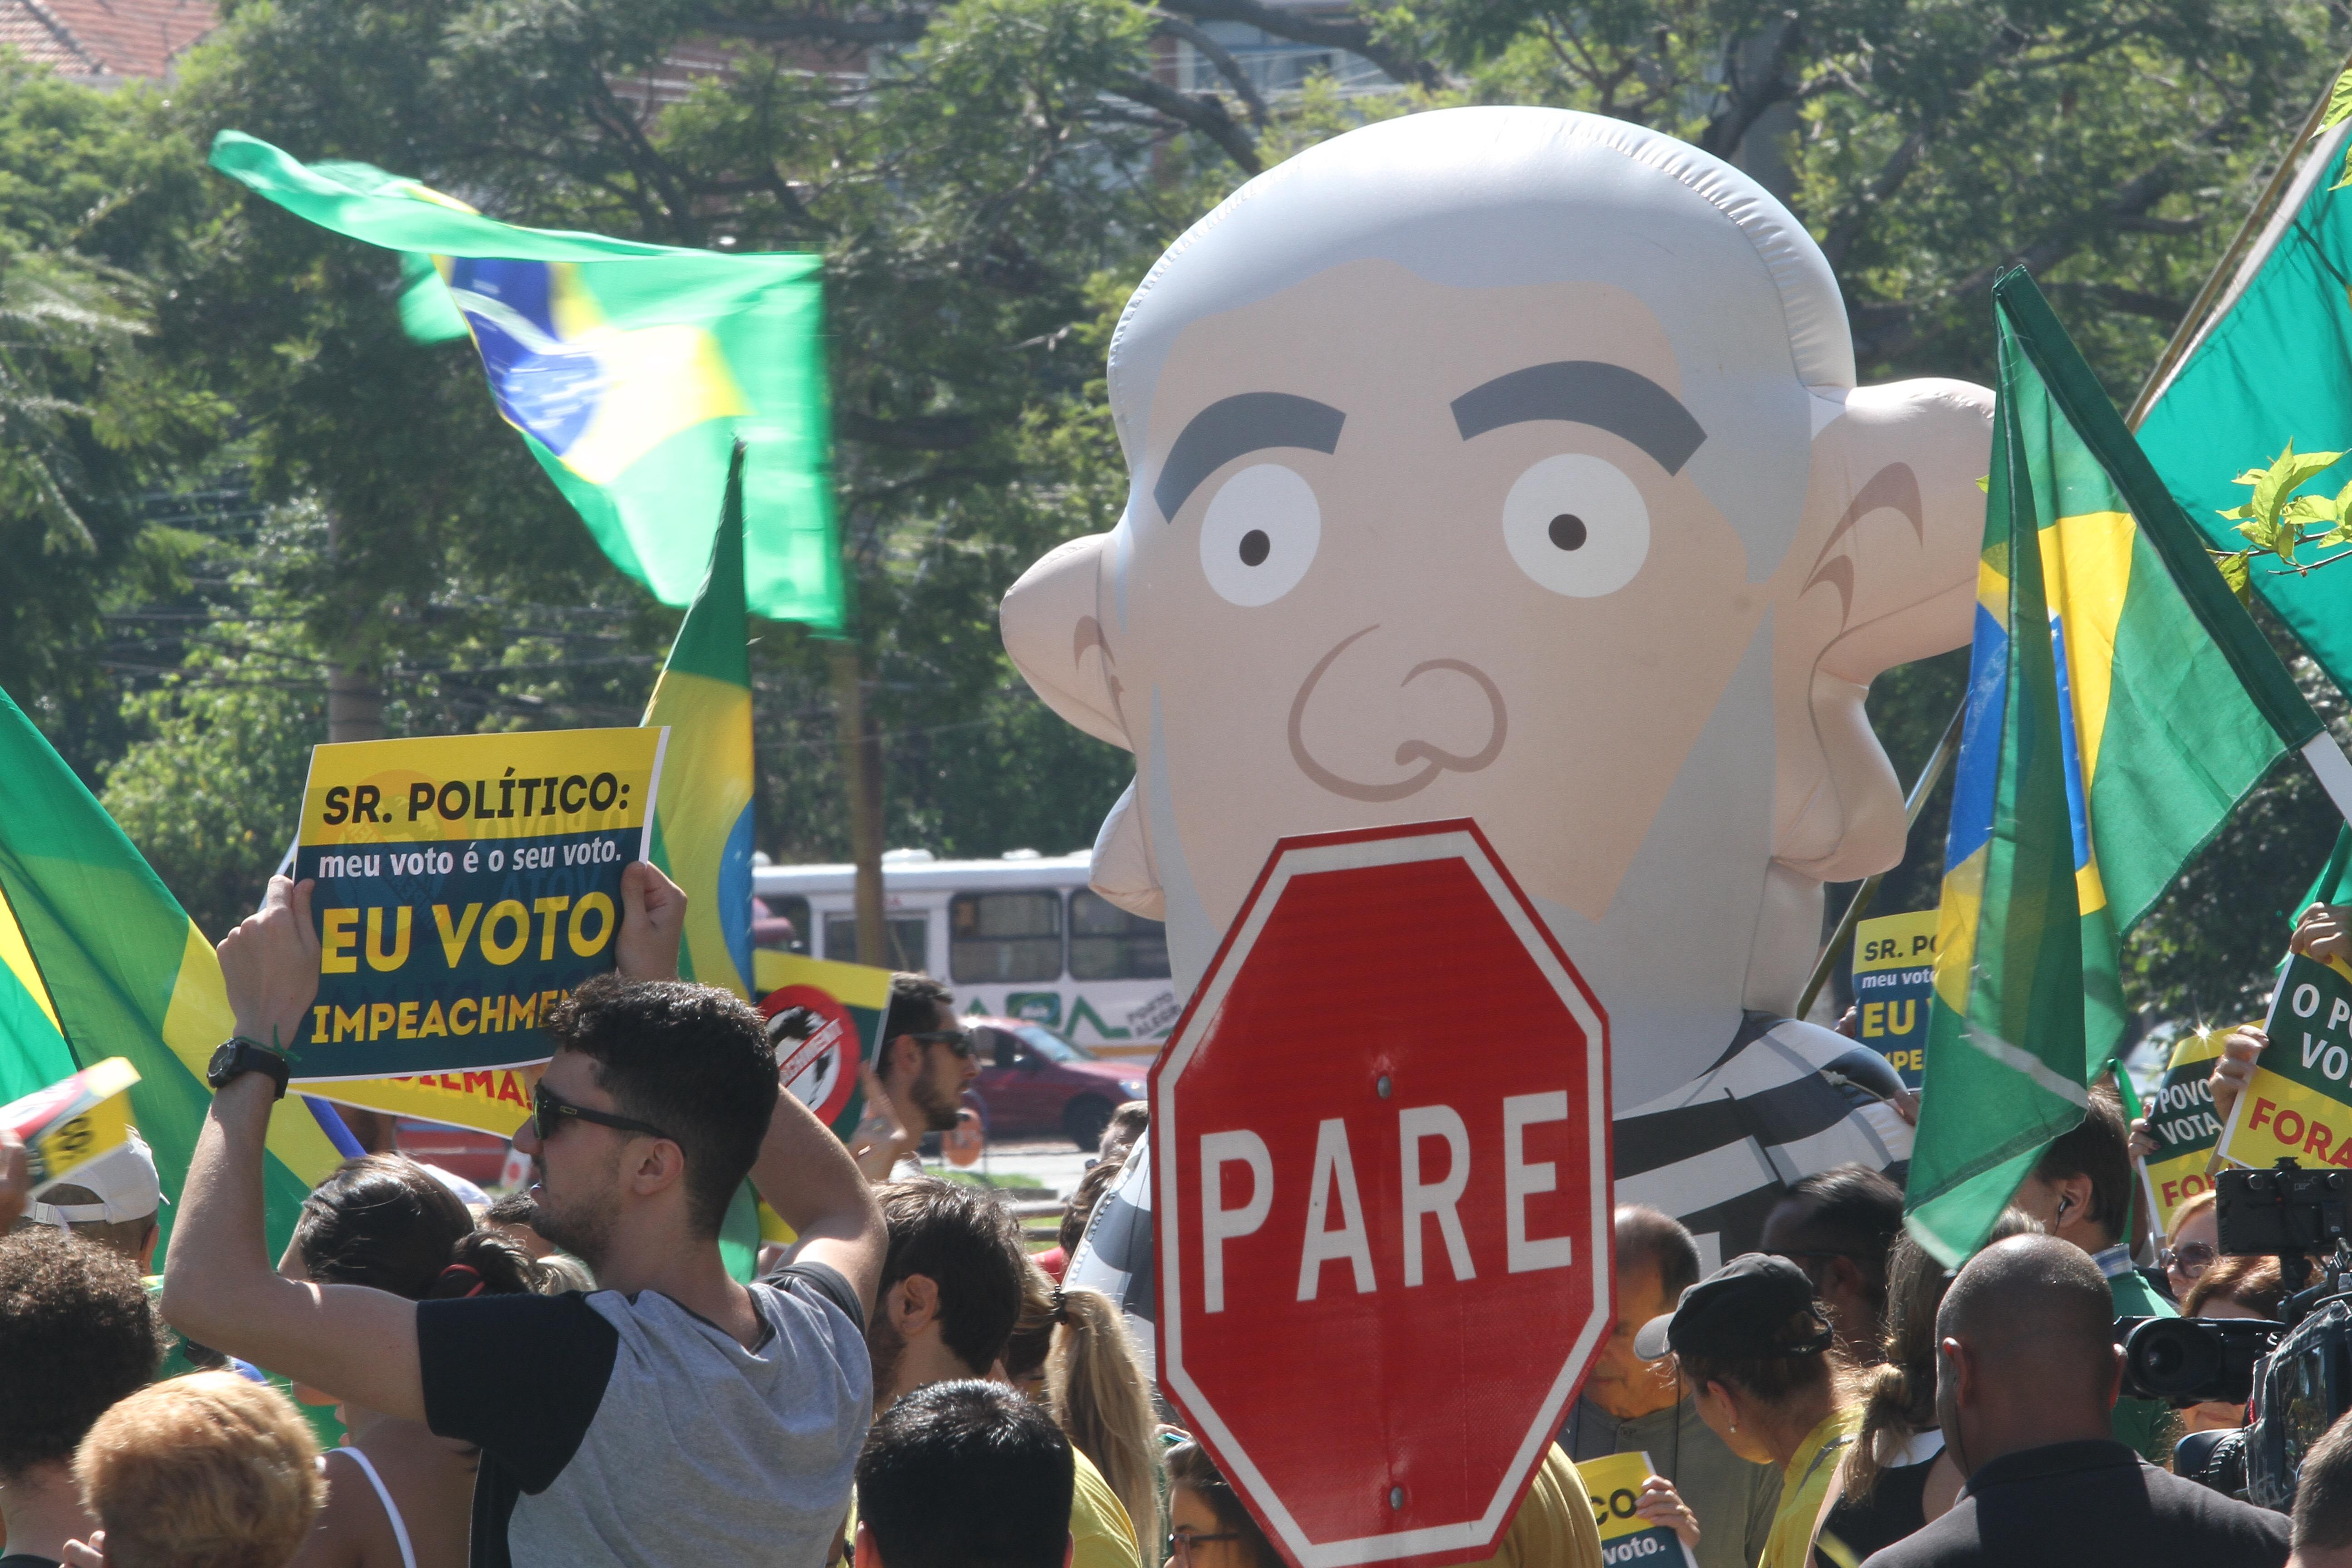 Protesto contra corrupção